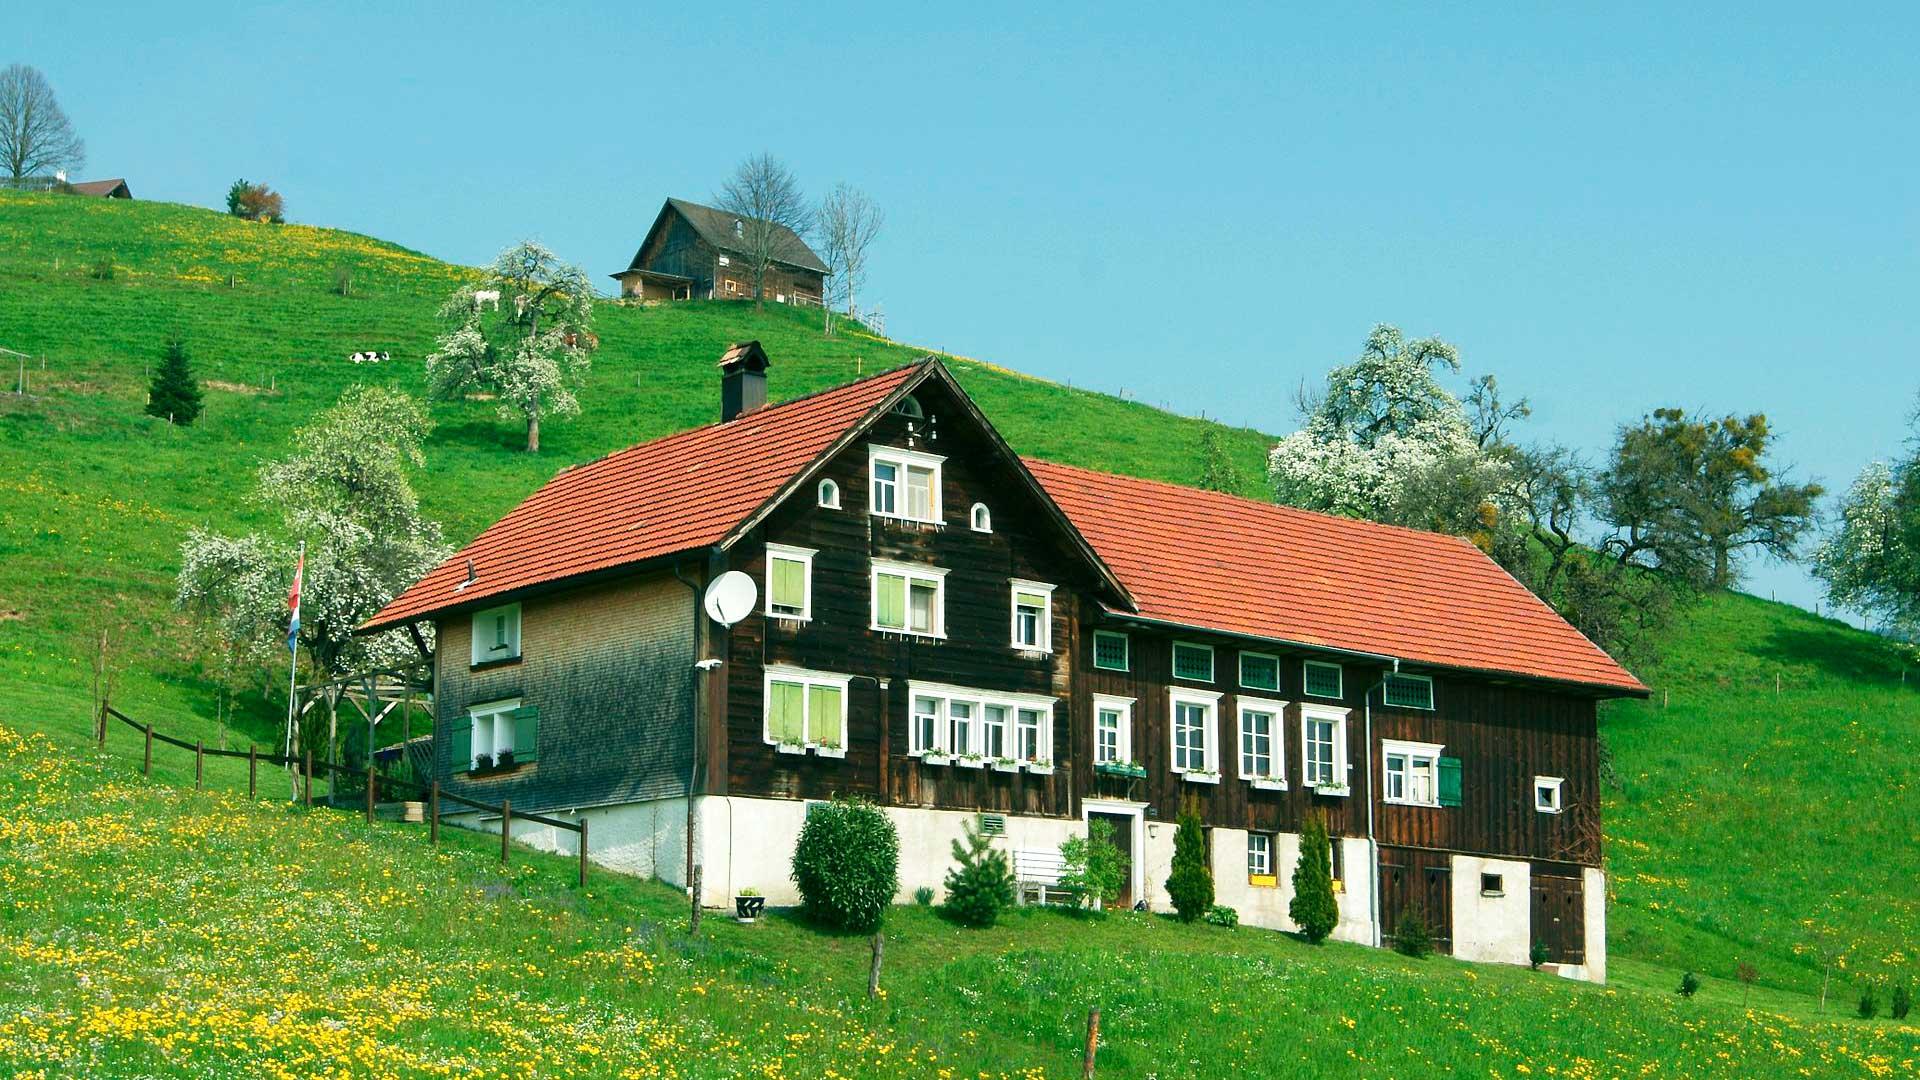 Bauernhof im Gätziberg oberhalb von Altstätten